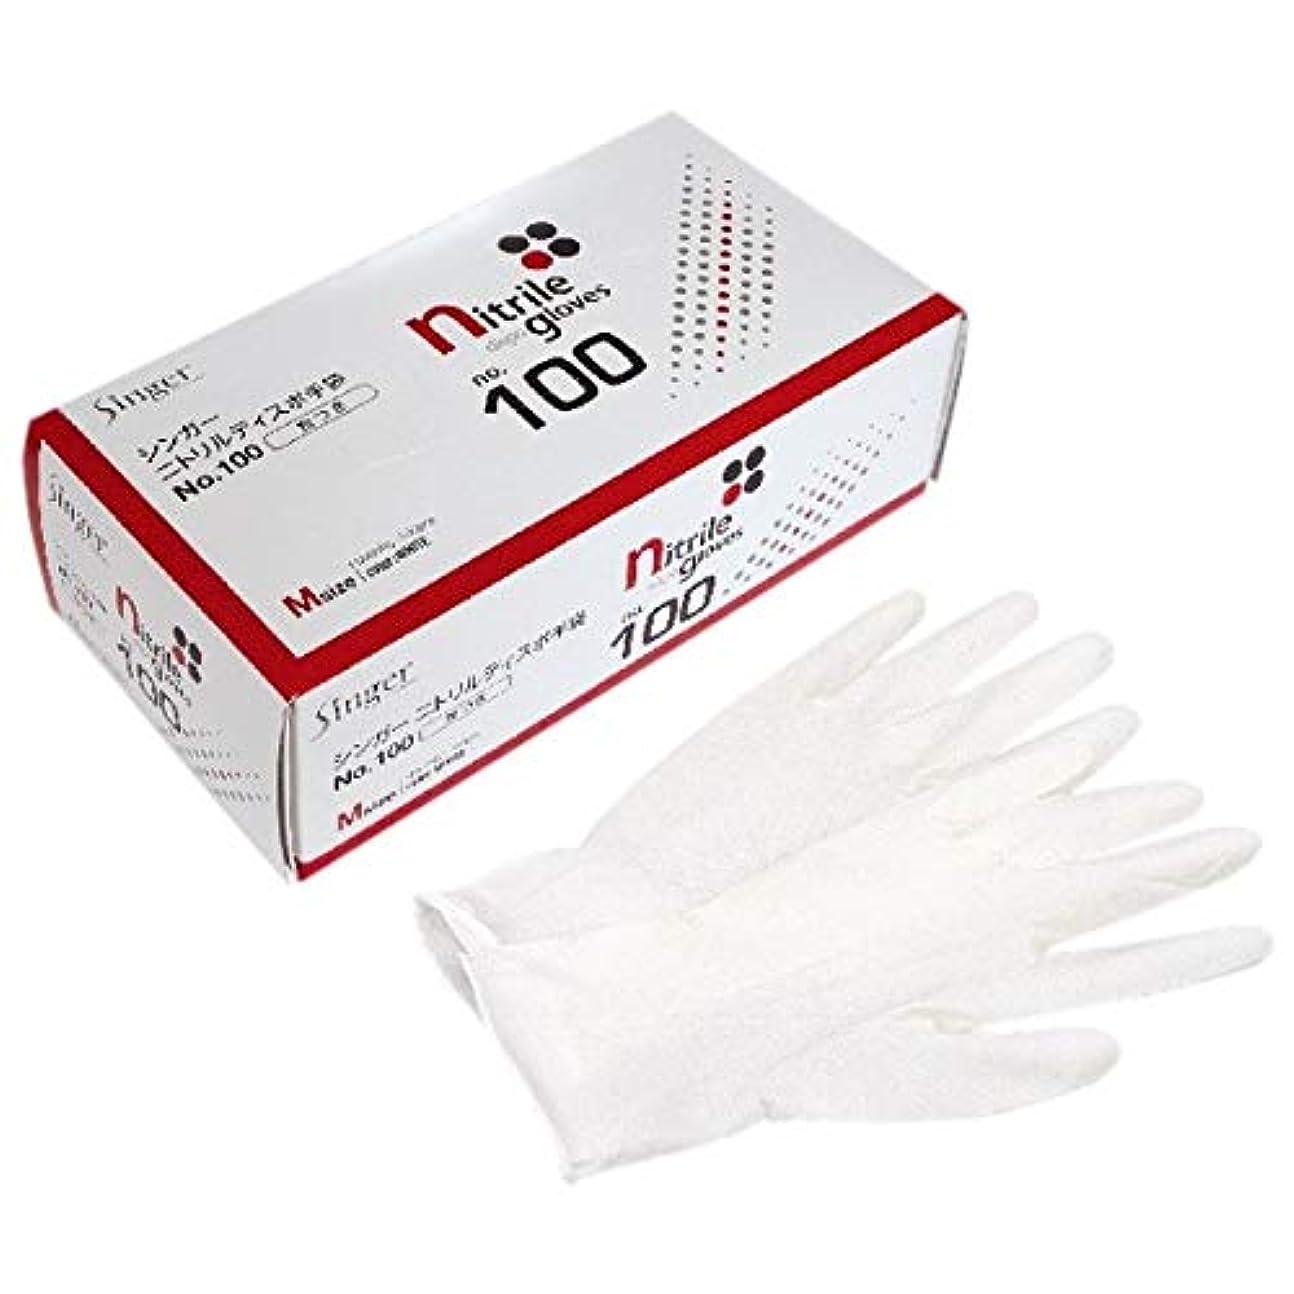 多数のコーナーを除くシンガーニトリルディスポ手袋 No.100 白 粉付 LLサイズ 100枚